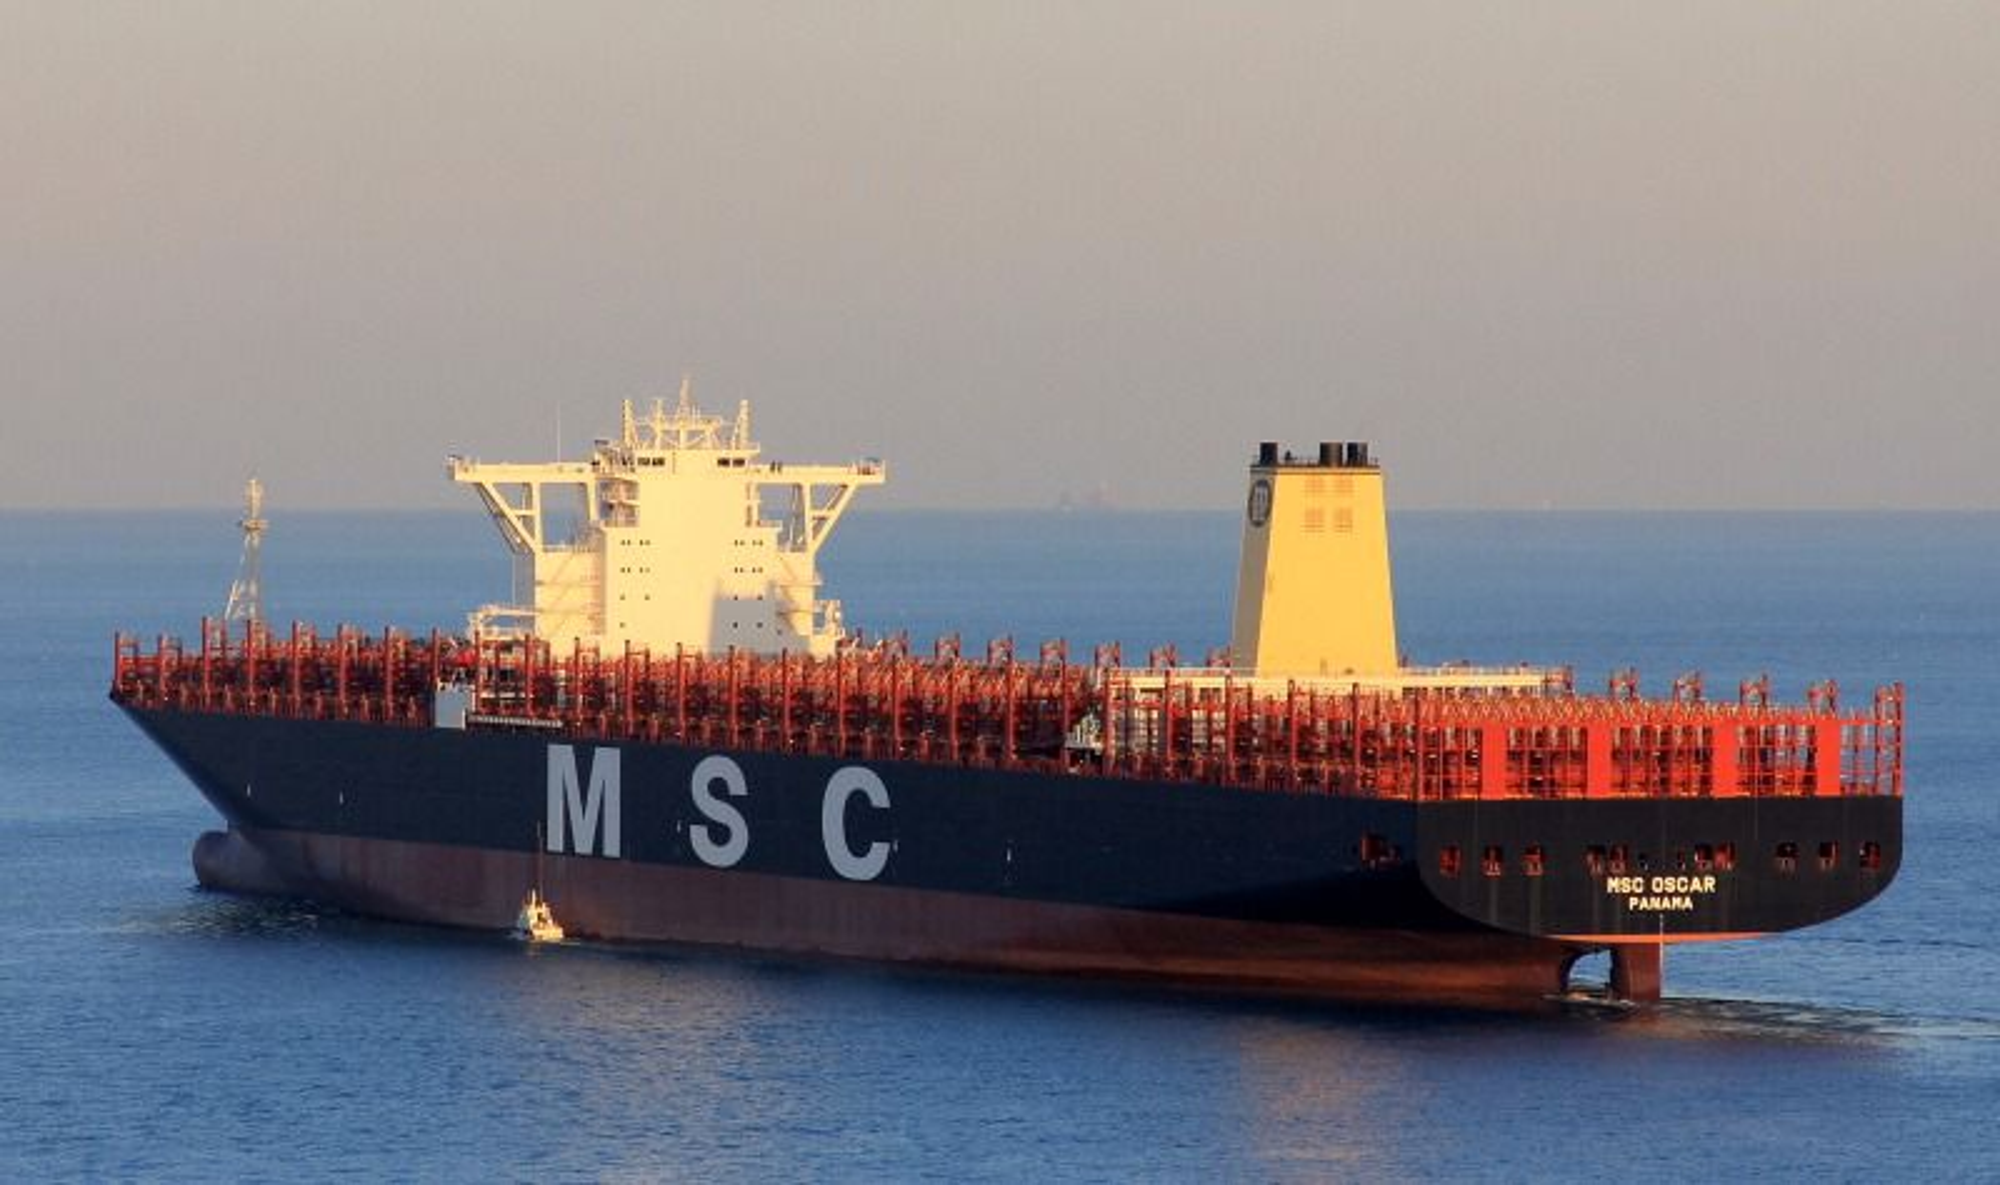 artikler dette er verdens storste containerskip